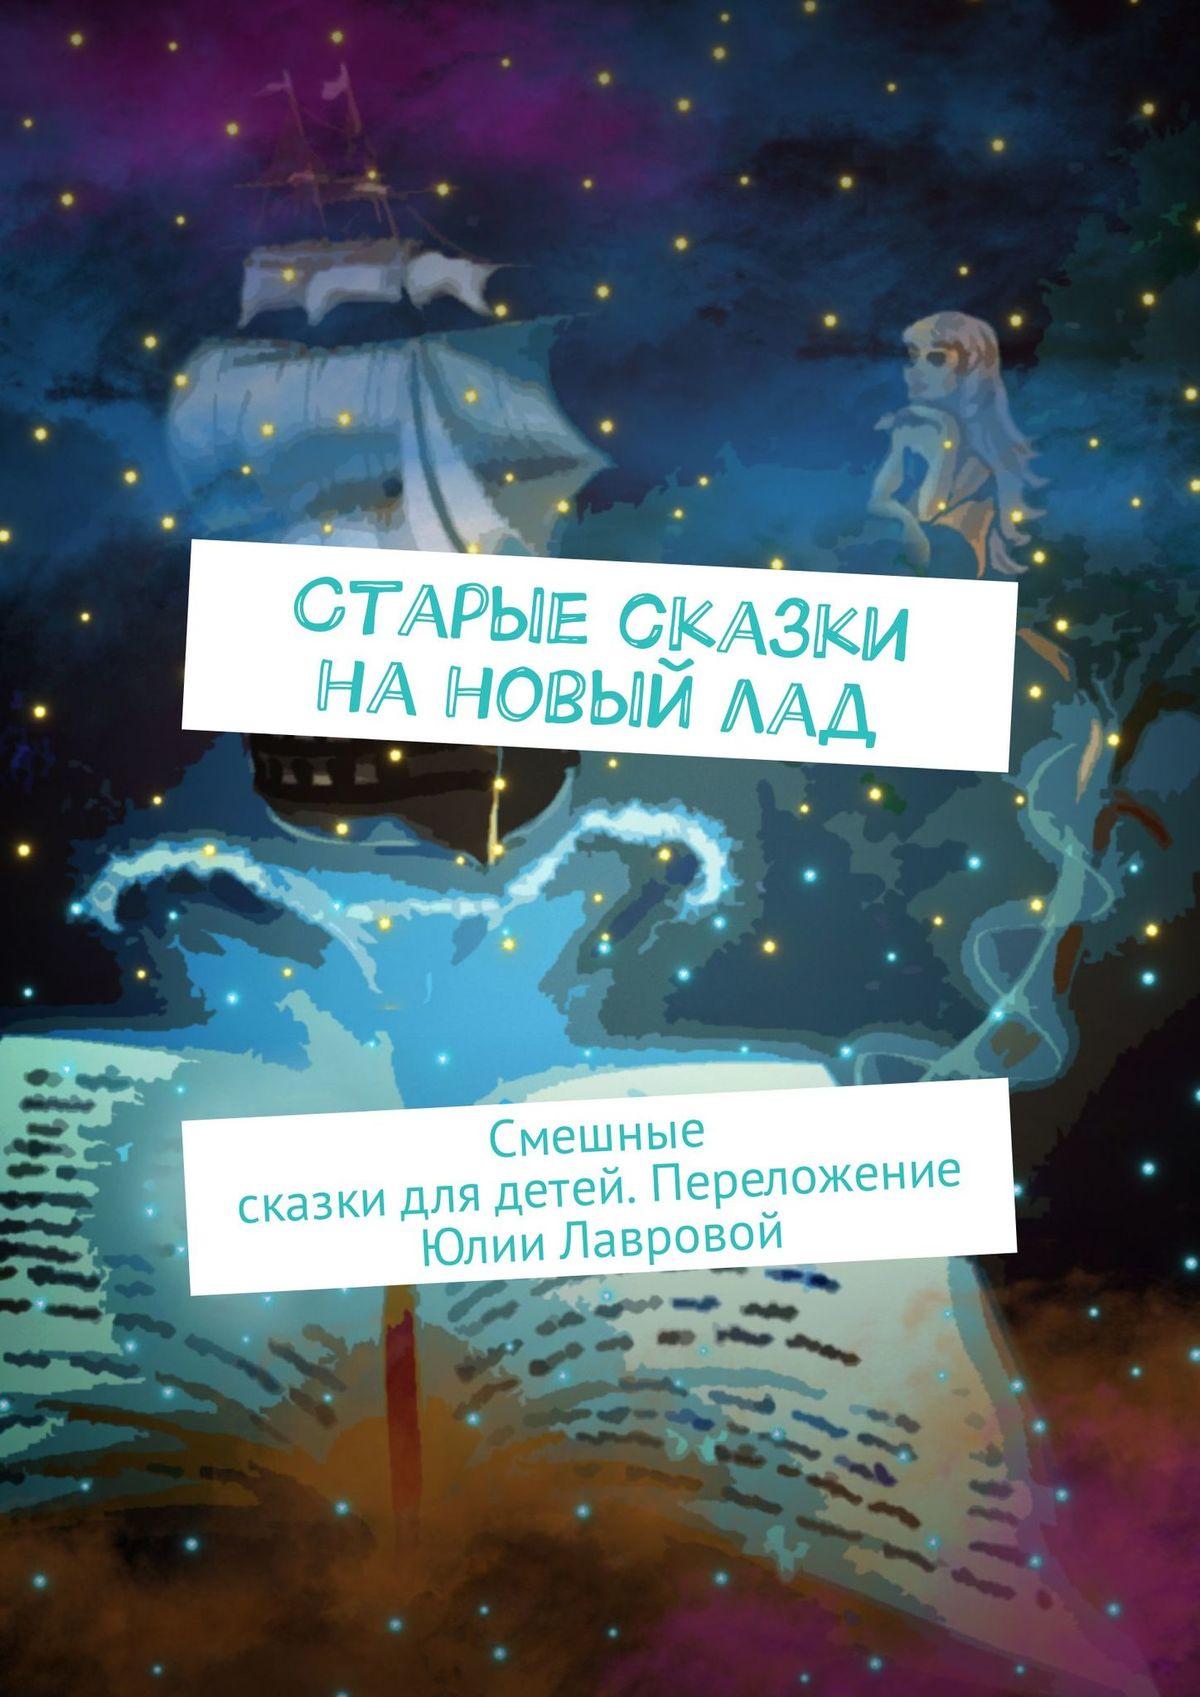 Народное творчество Старые сказки на новый лад. Смешные сказки для детей. Переложение Юлии Лавровой